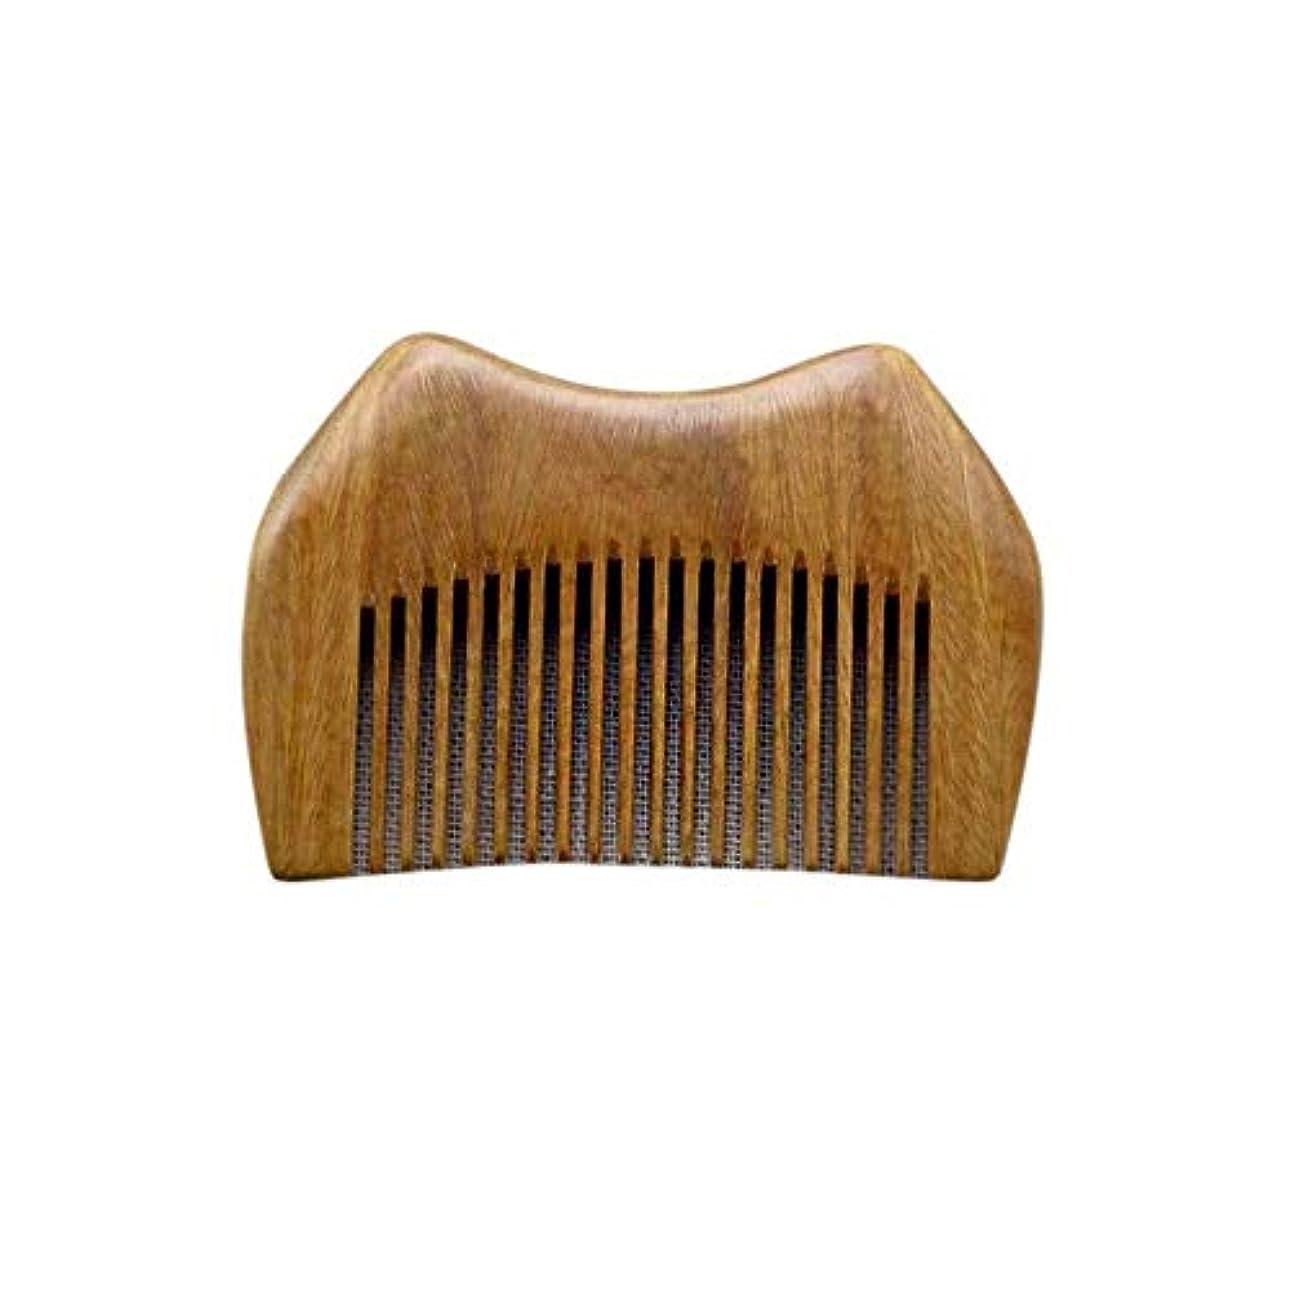 塩辛いトラック成功ヘアコーム理髪くし ショートハンドルに静的なグリーンサンダルウッドくし手作りの木製くし ヘアスタイリングコーム (Color : Photo color)